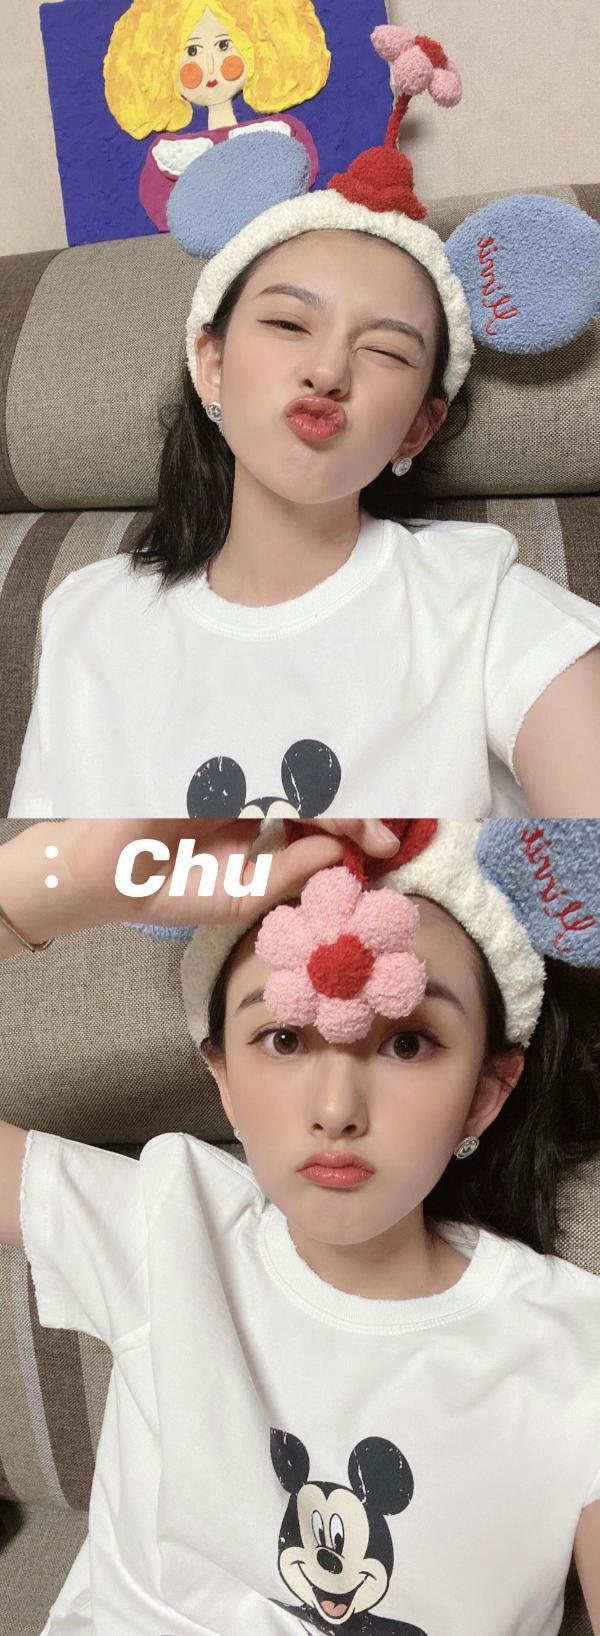 宋祖儿分享近期自拍 洋溢童趣少女气息